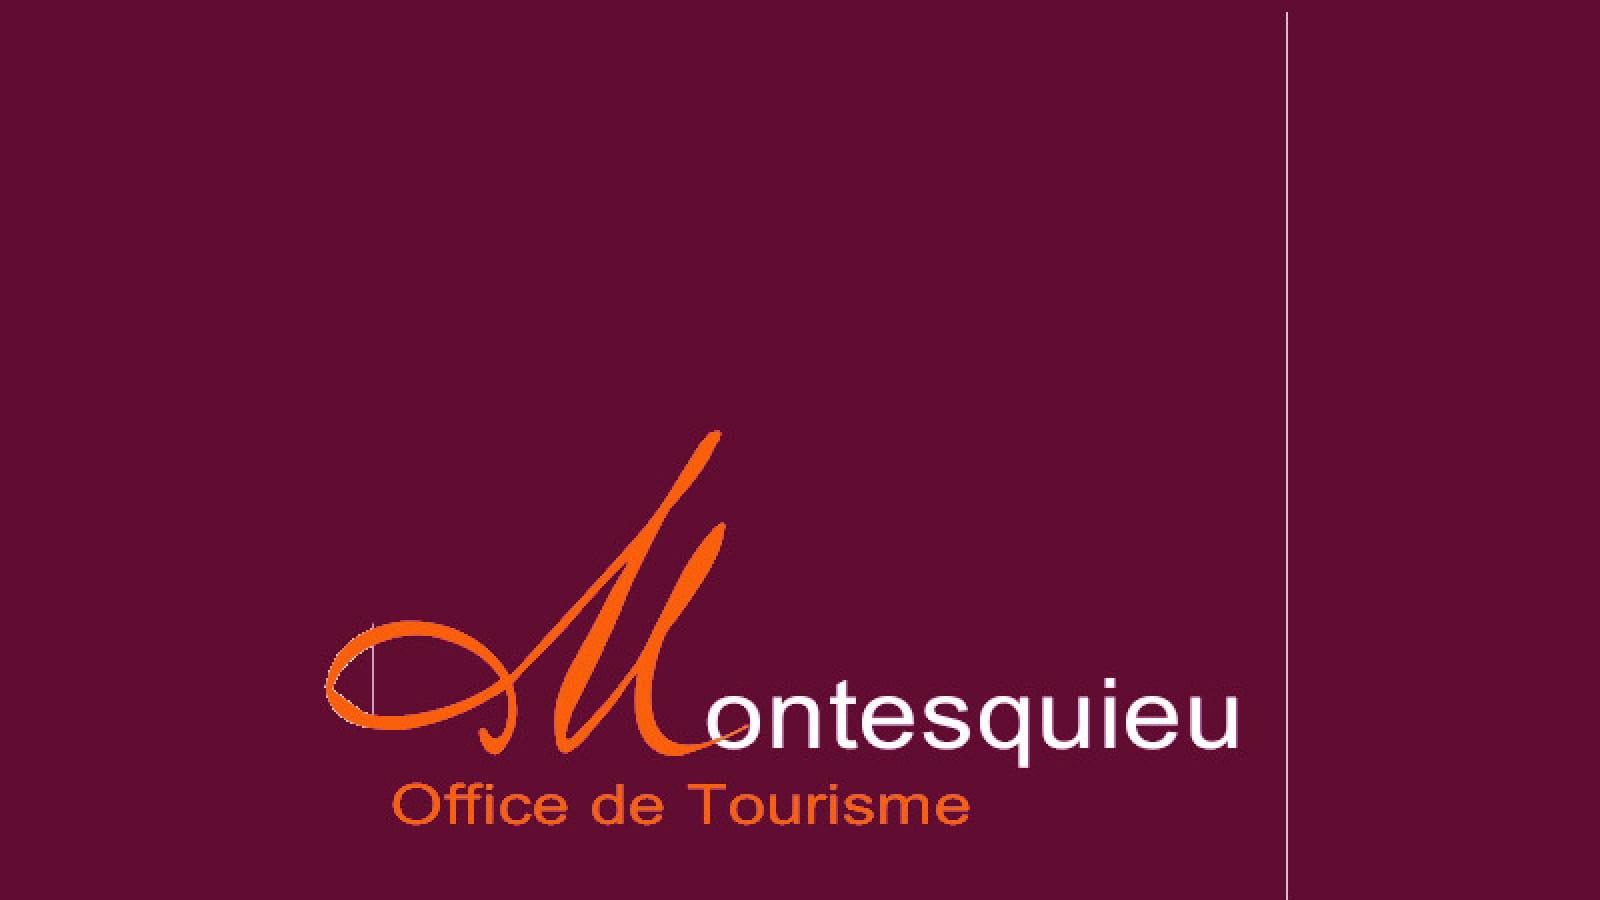 Sirtaqui_Logo_OTM_800x600